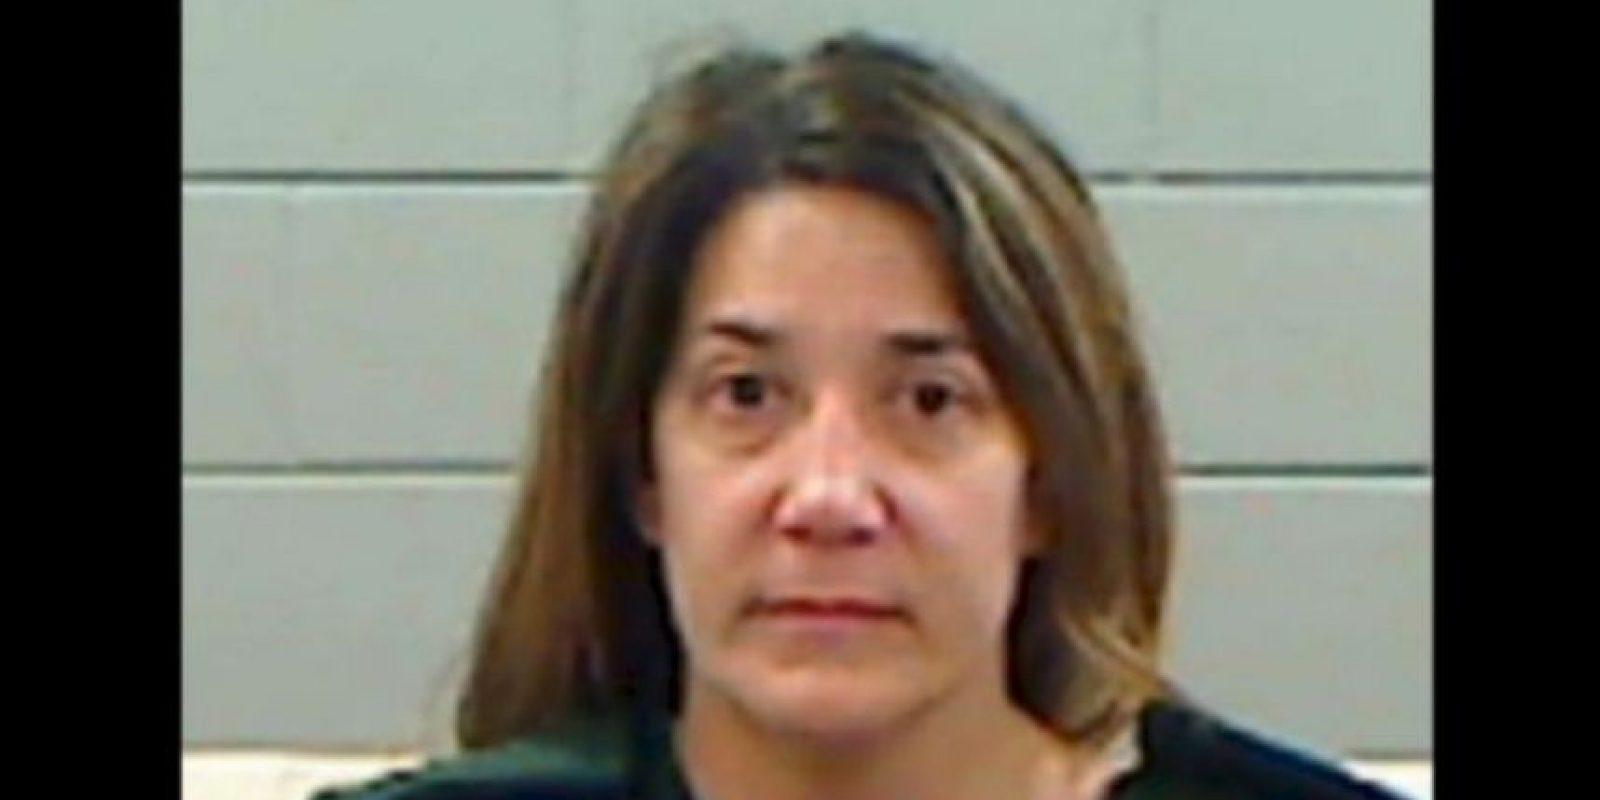 Allison Evans Sloanaker, fue acusada de abusar a de un niño de 11 años. Foto: Rankin County Detention Center